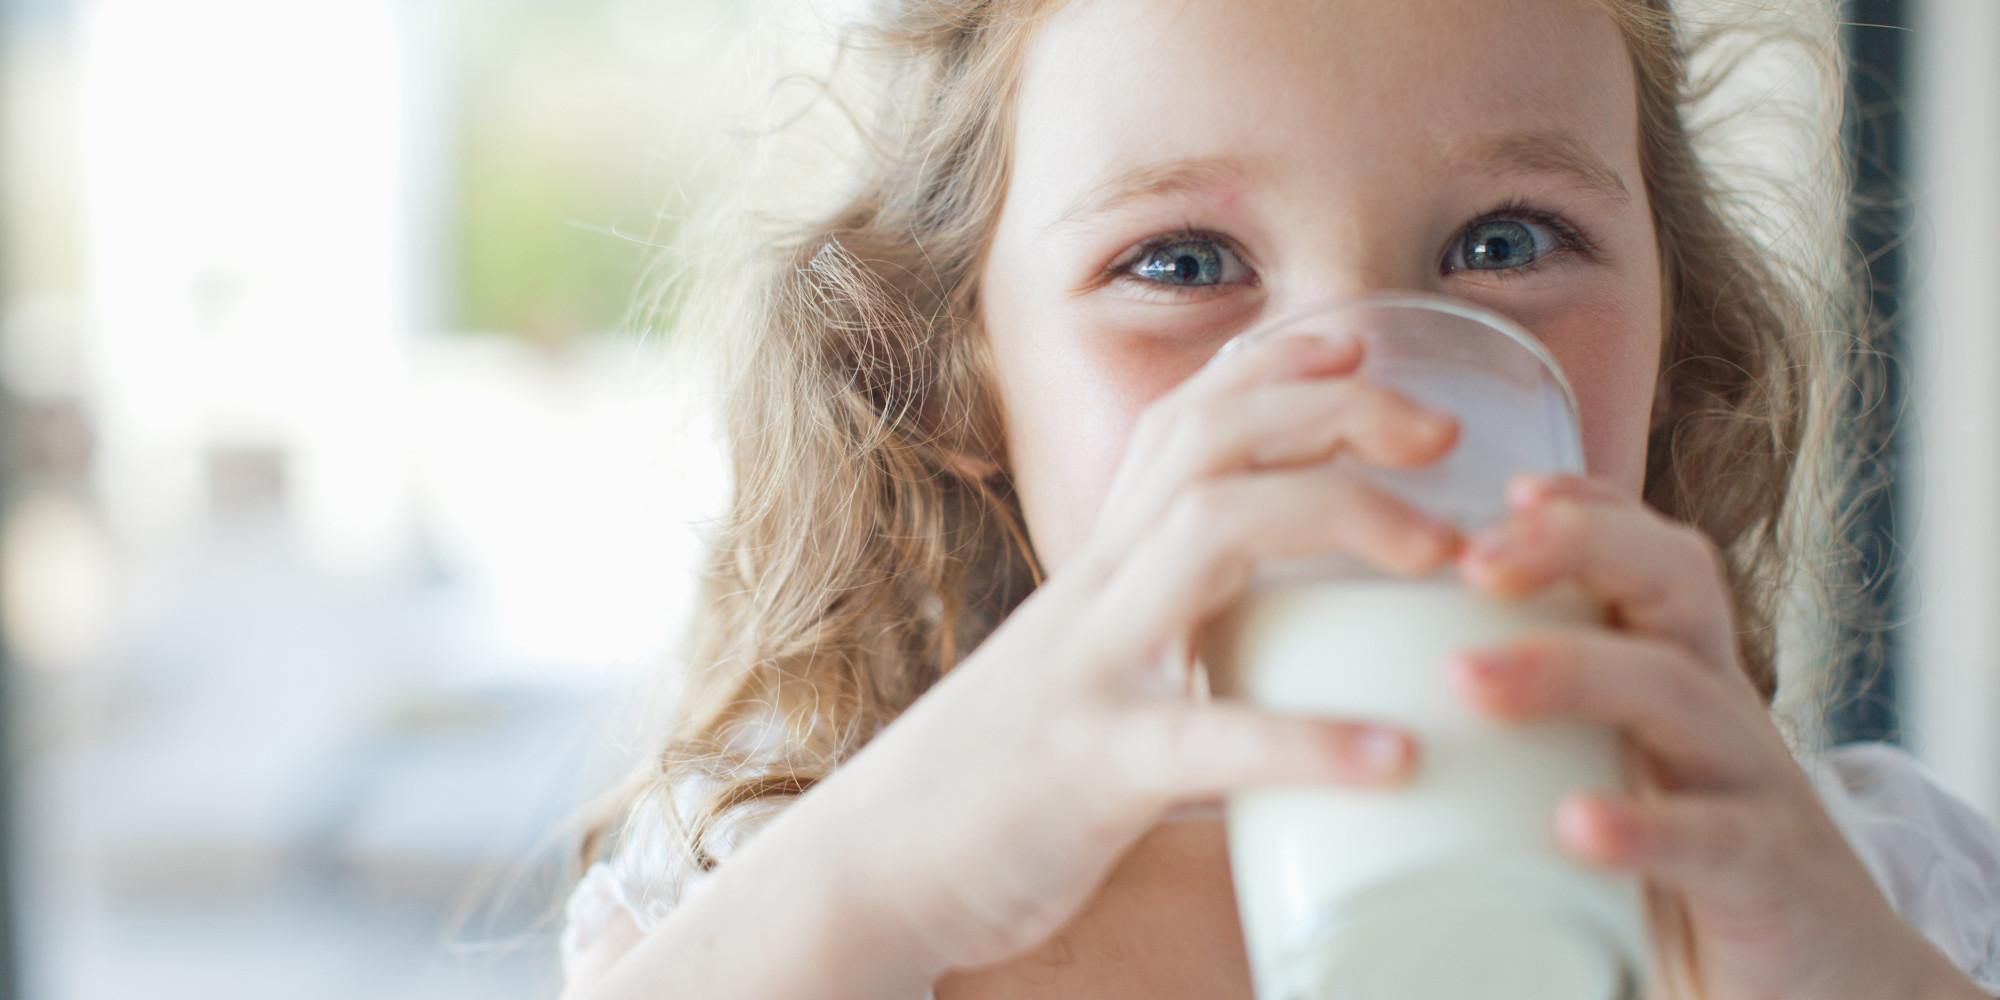 можно ли давать магазинное молоко